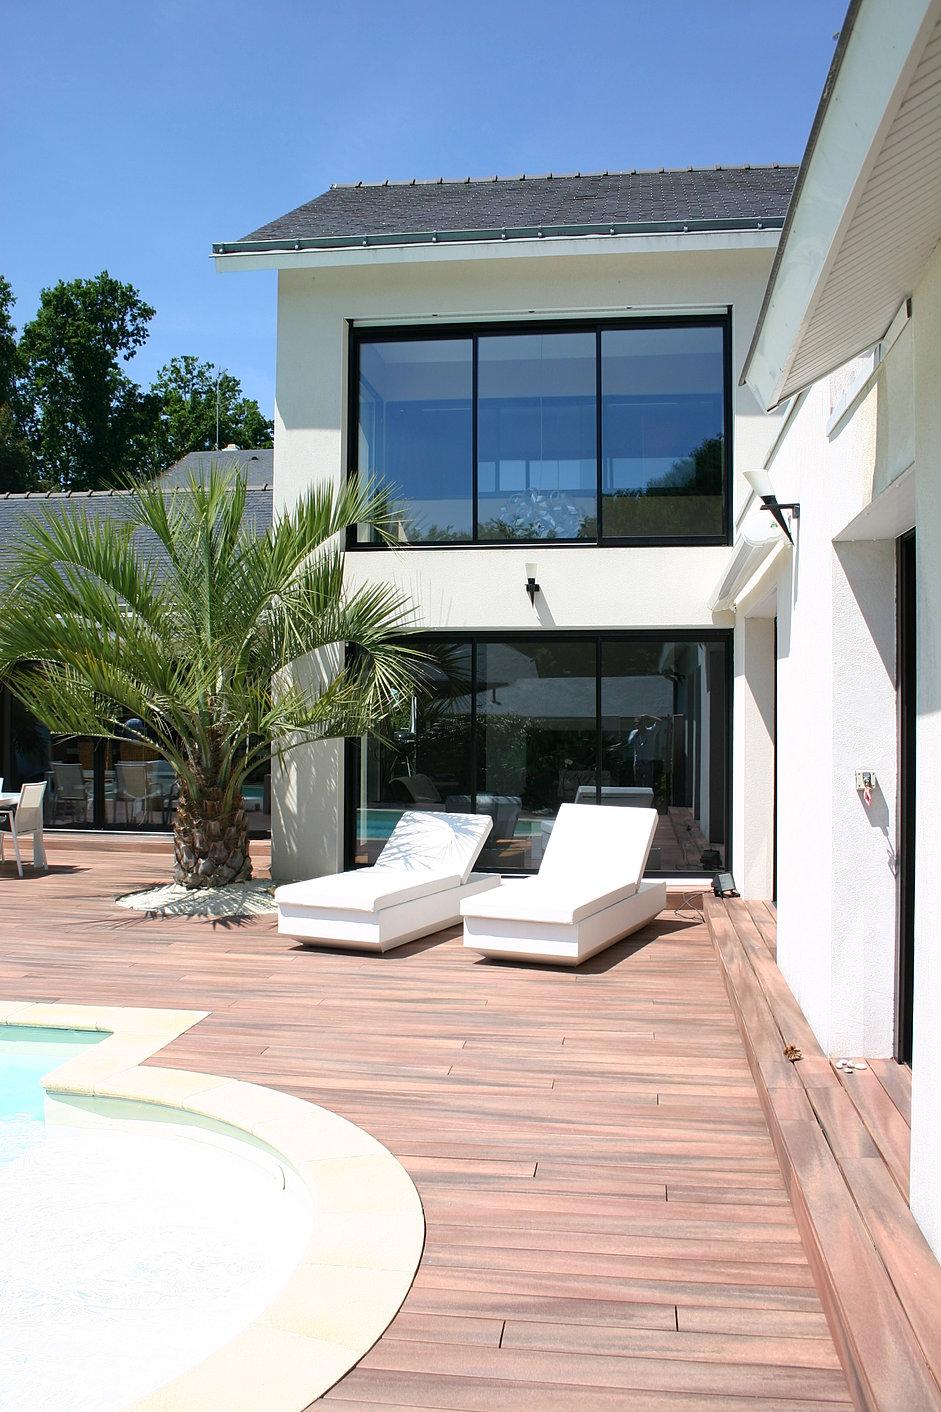 Prix maison neuve 200m2 maison 150 m ensemu2026 maison 4 for Prix construction maison 200m2